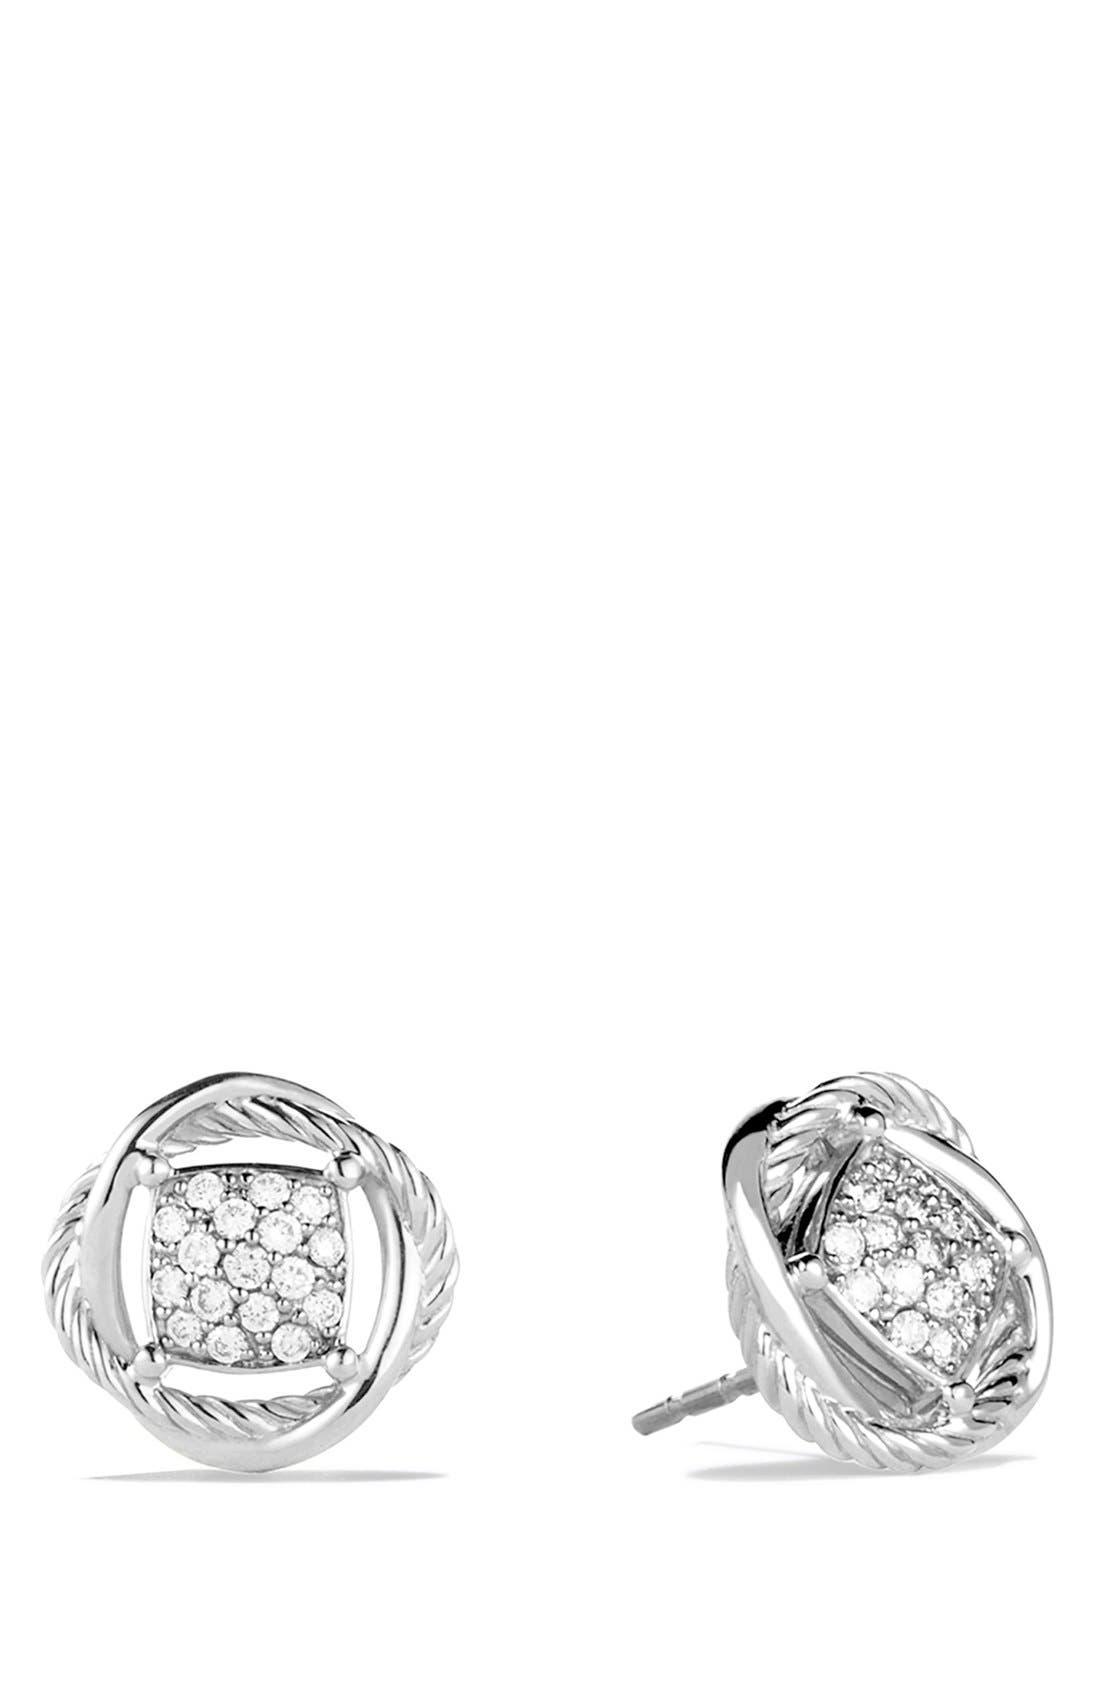 David Yurman 'Infinity' Pavé Diamond Stud Earrings